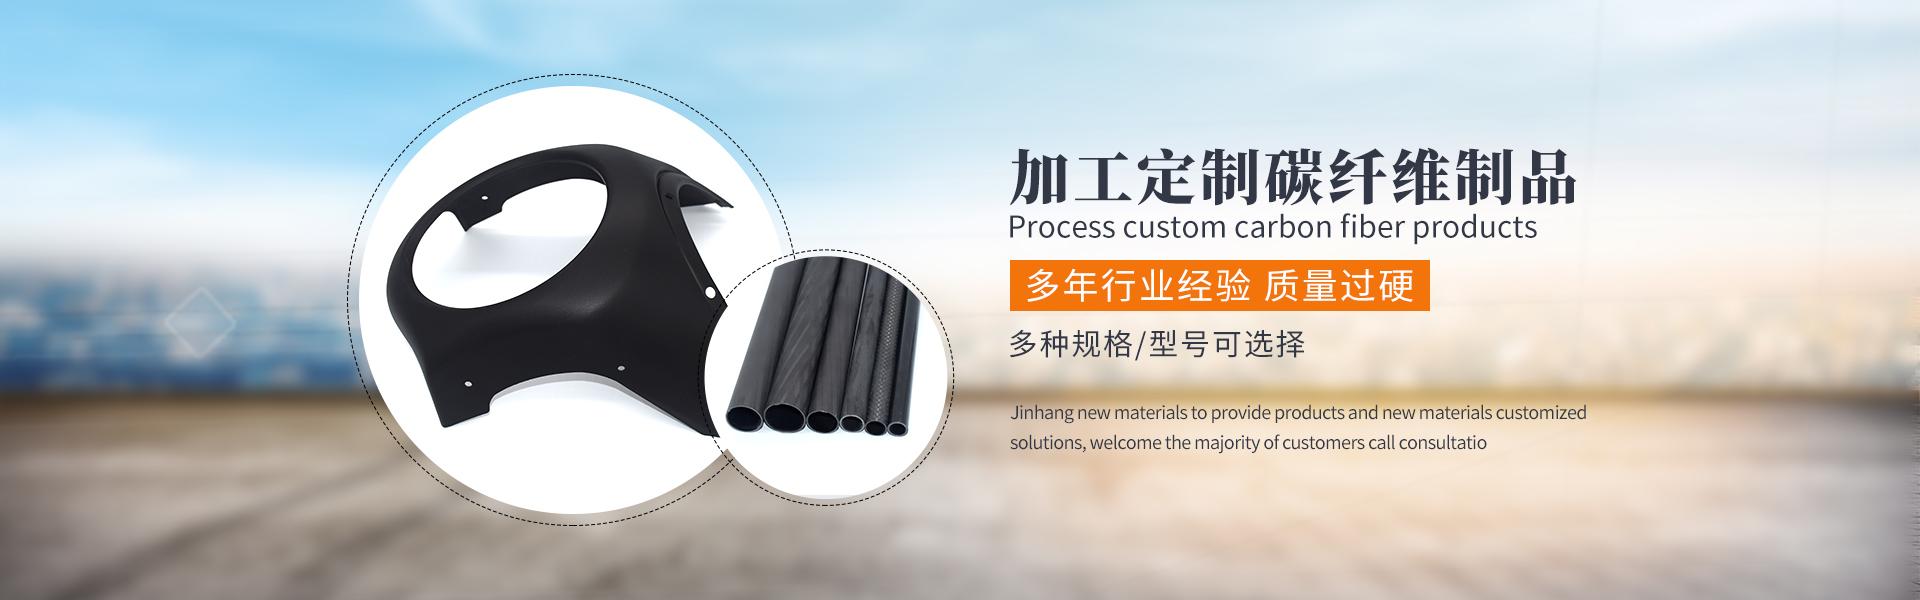 碳纤维运动器材